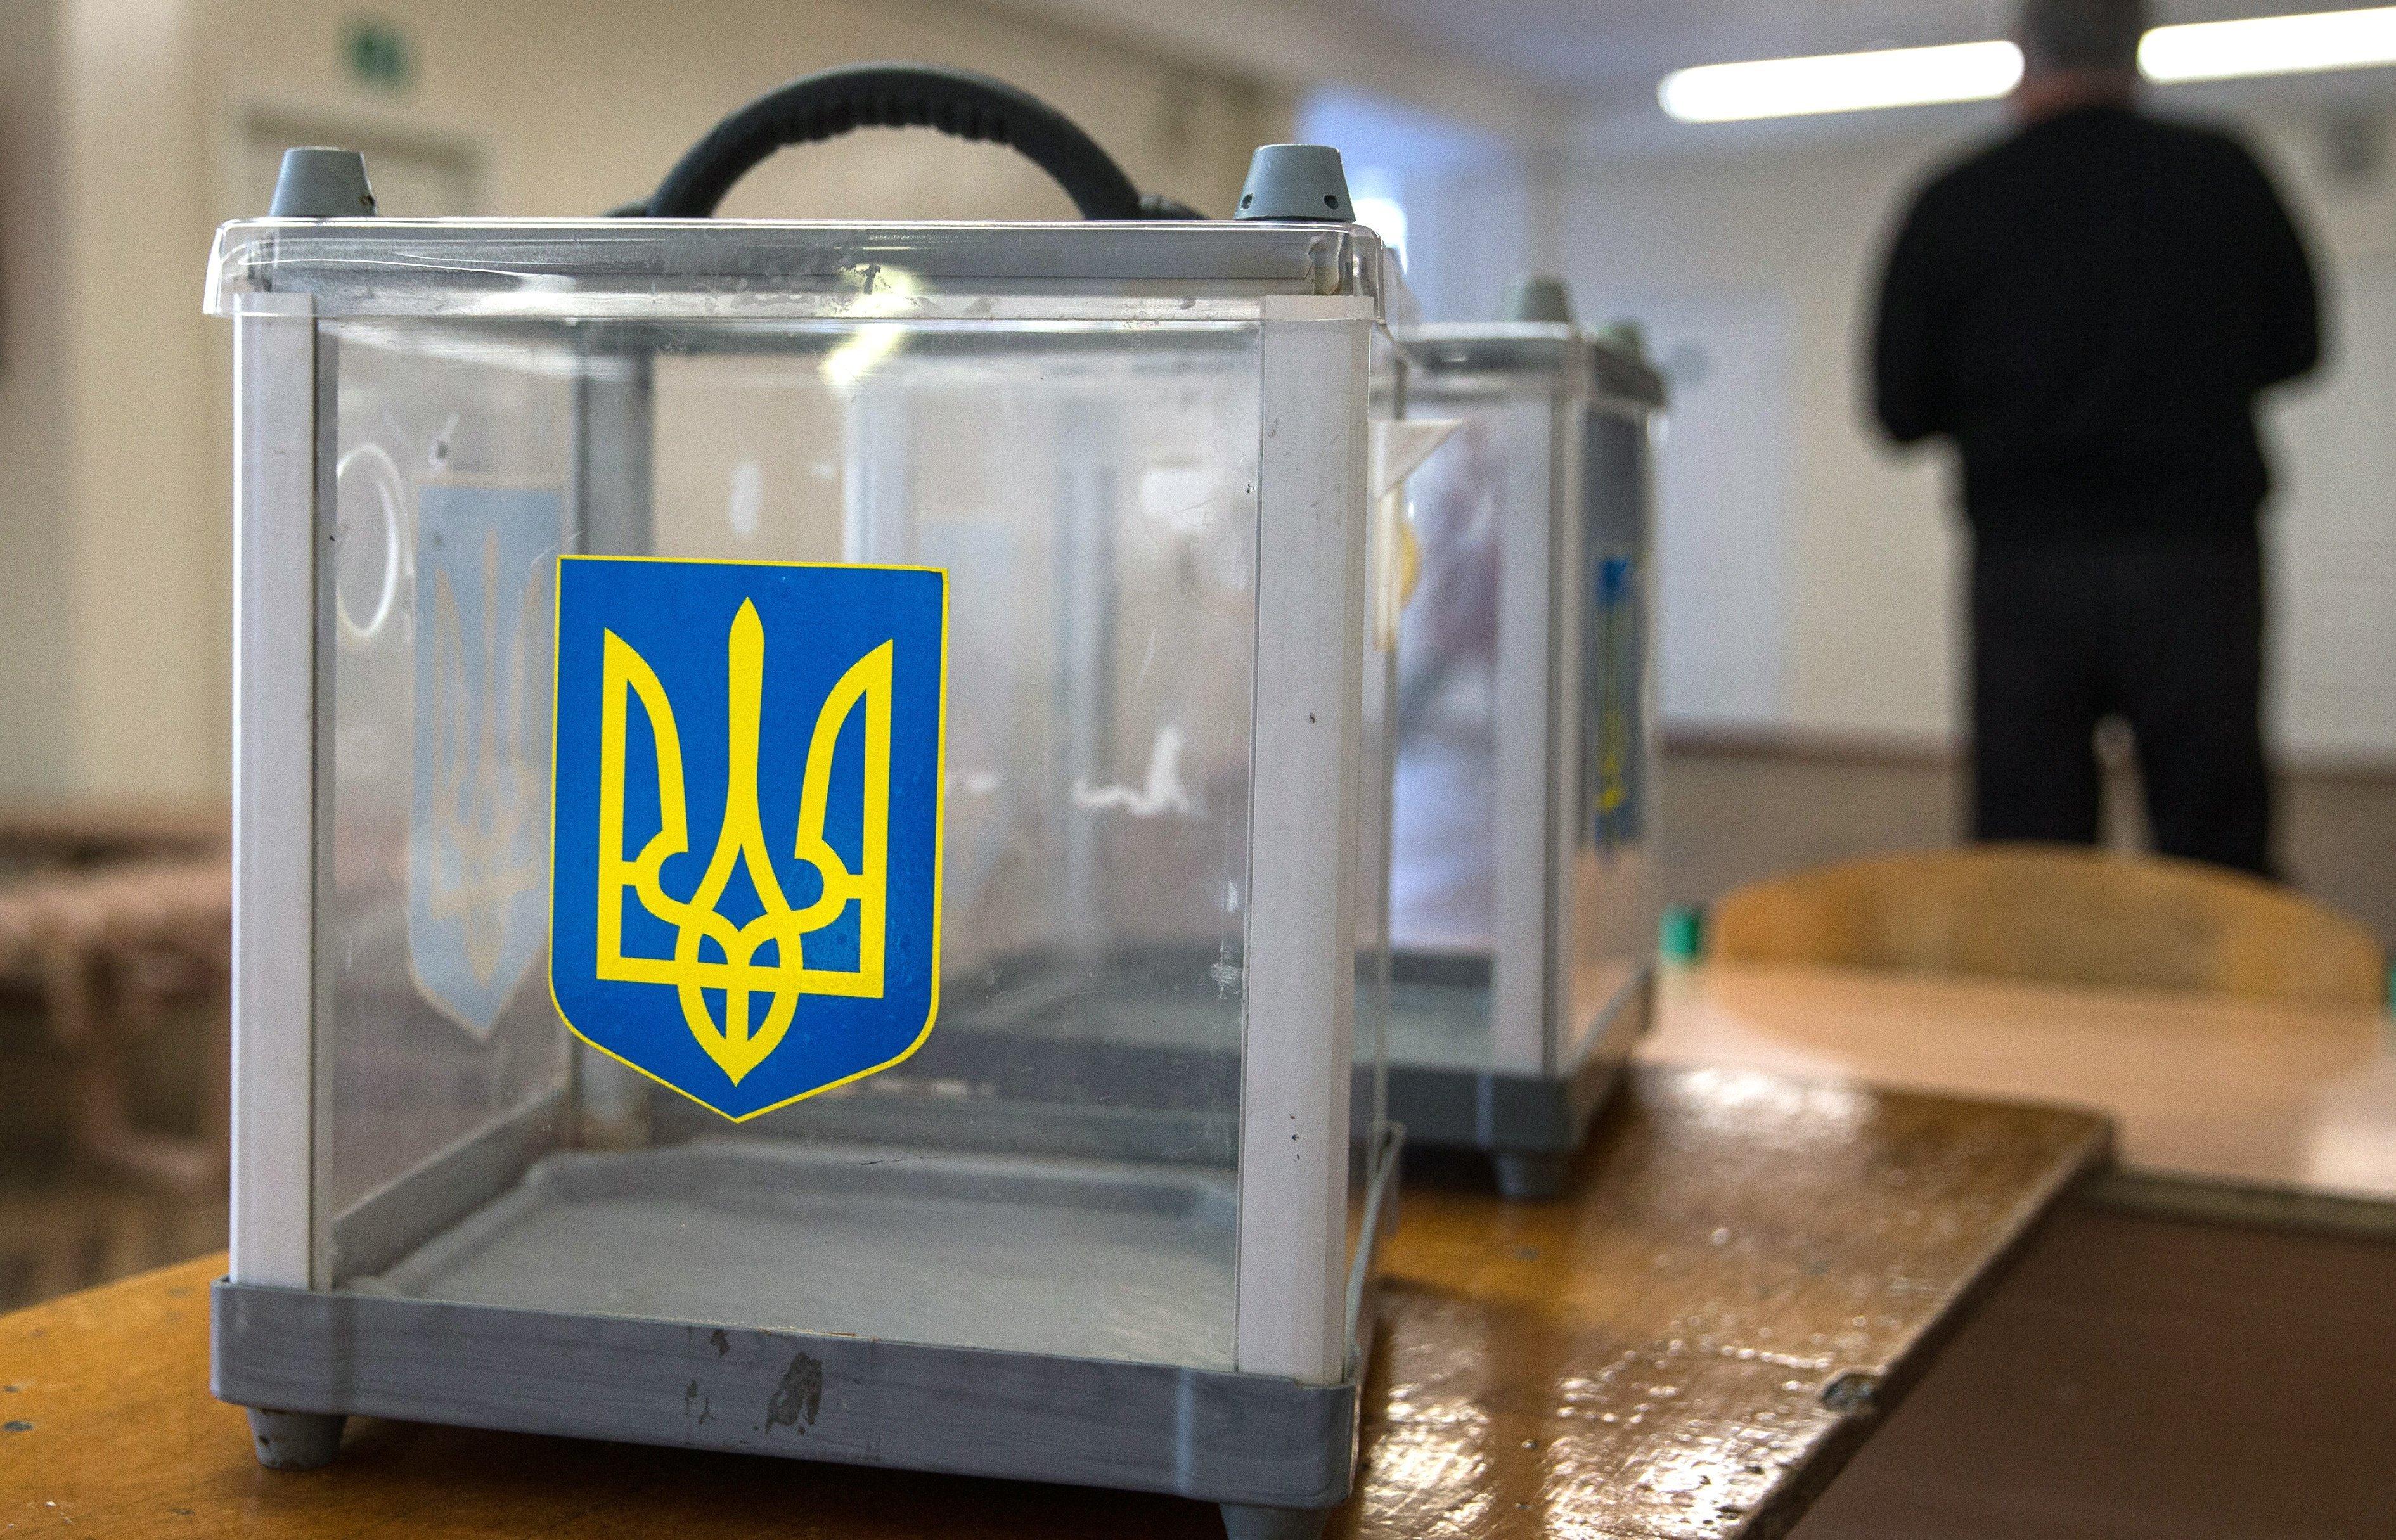 Выборы-2019: свежая президентская социология удивила экспертов